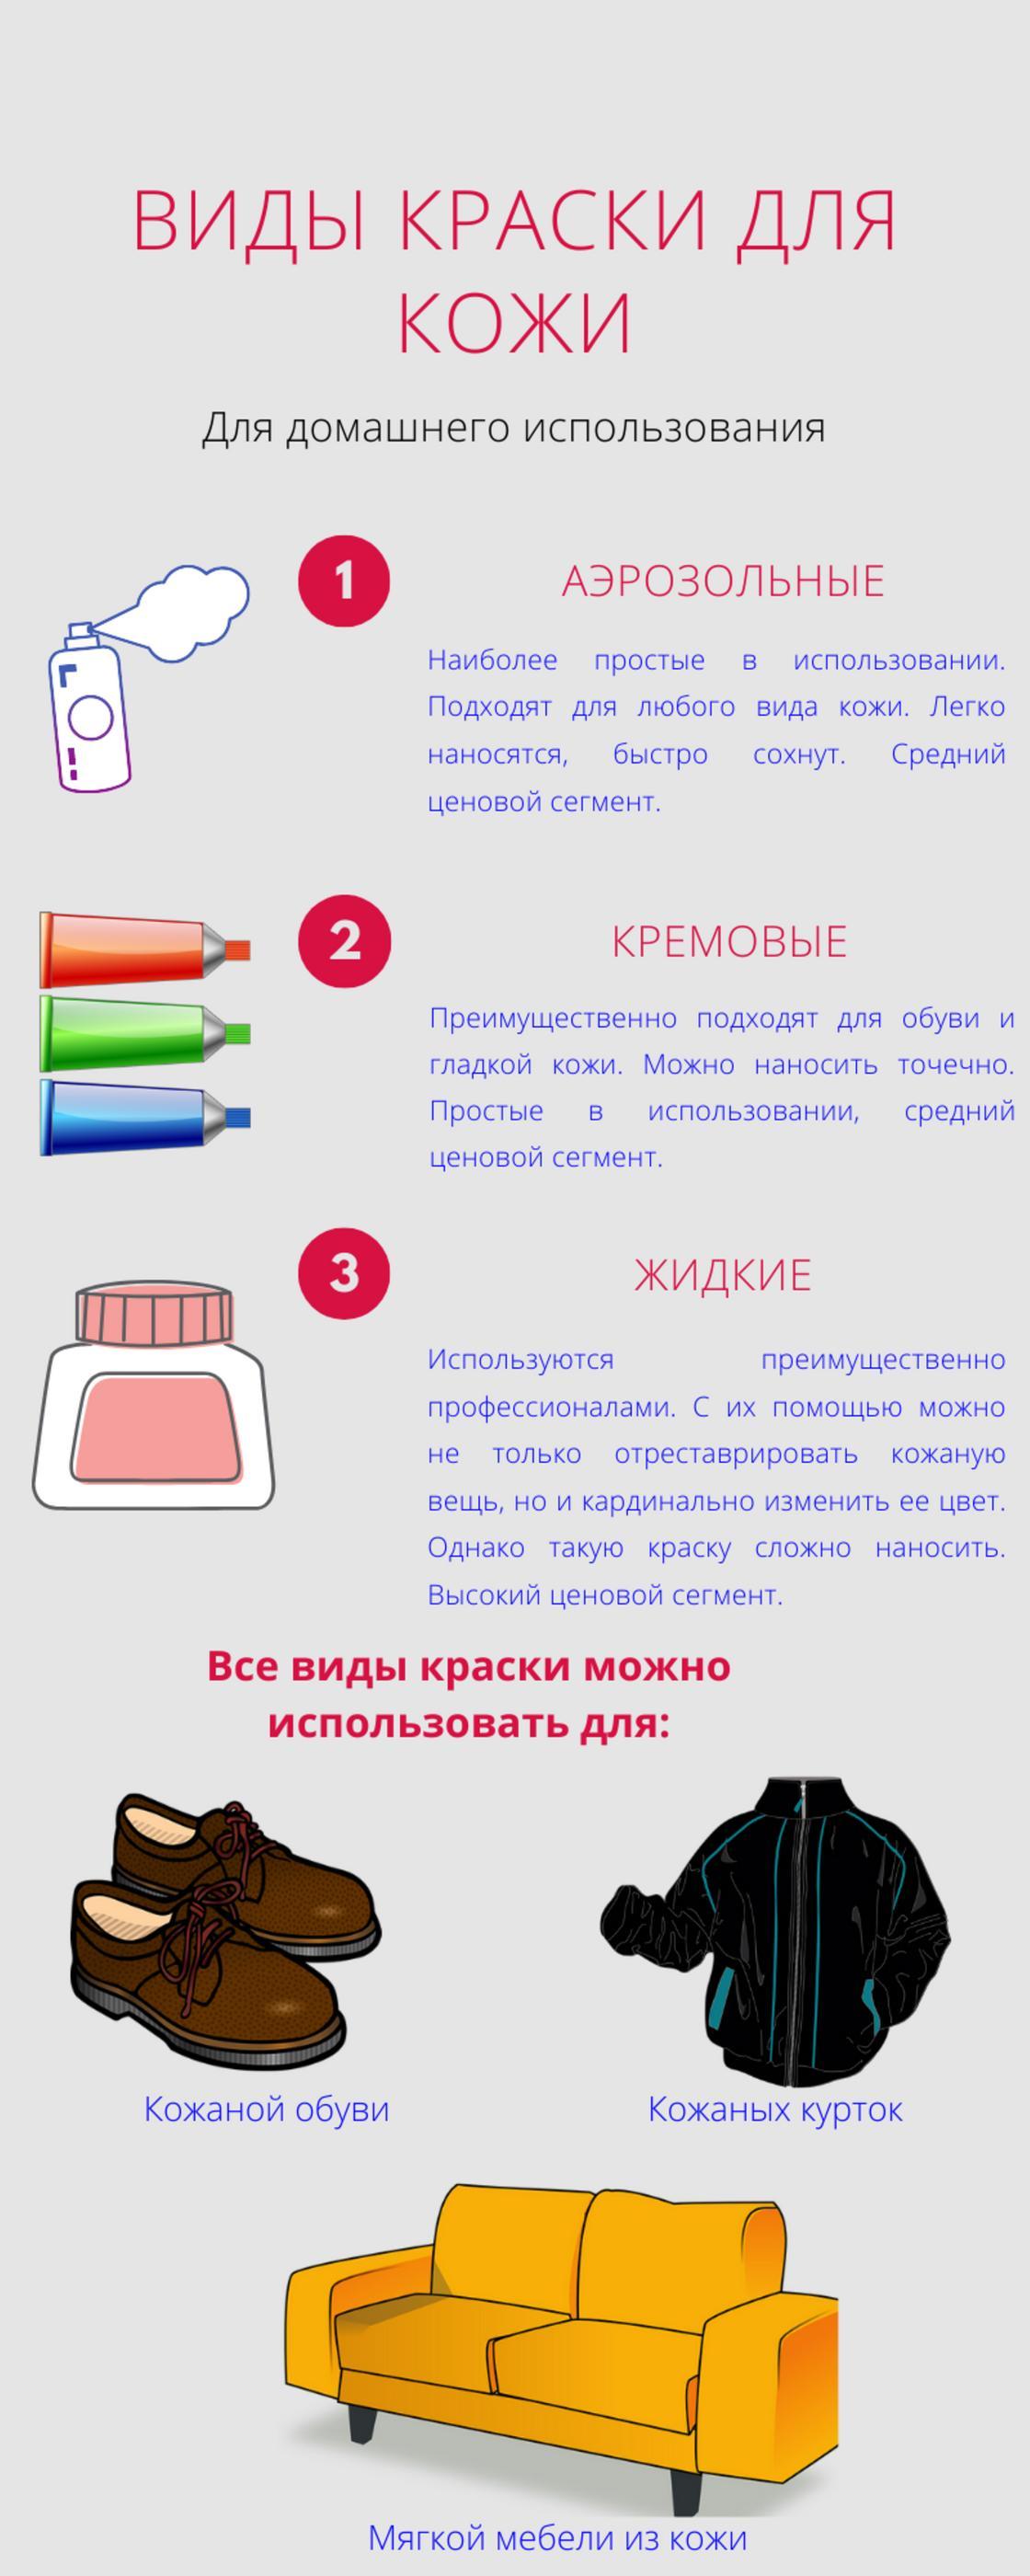 Инфографика: виды краски для кожи